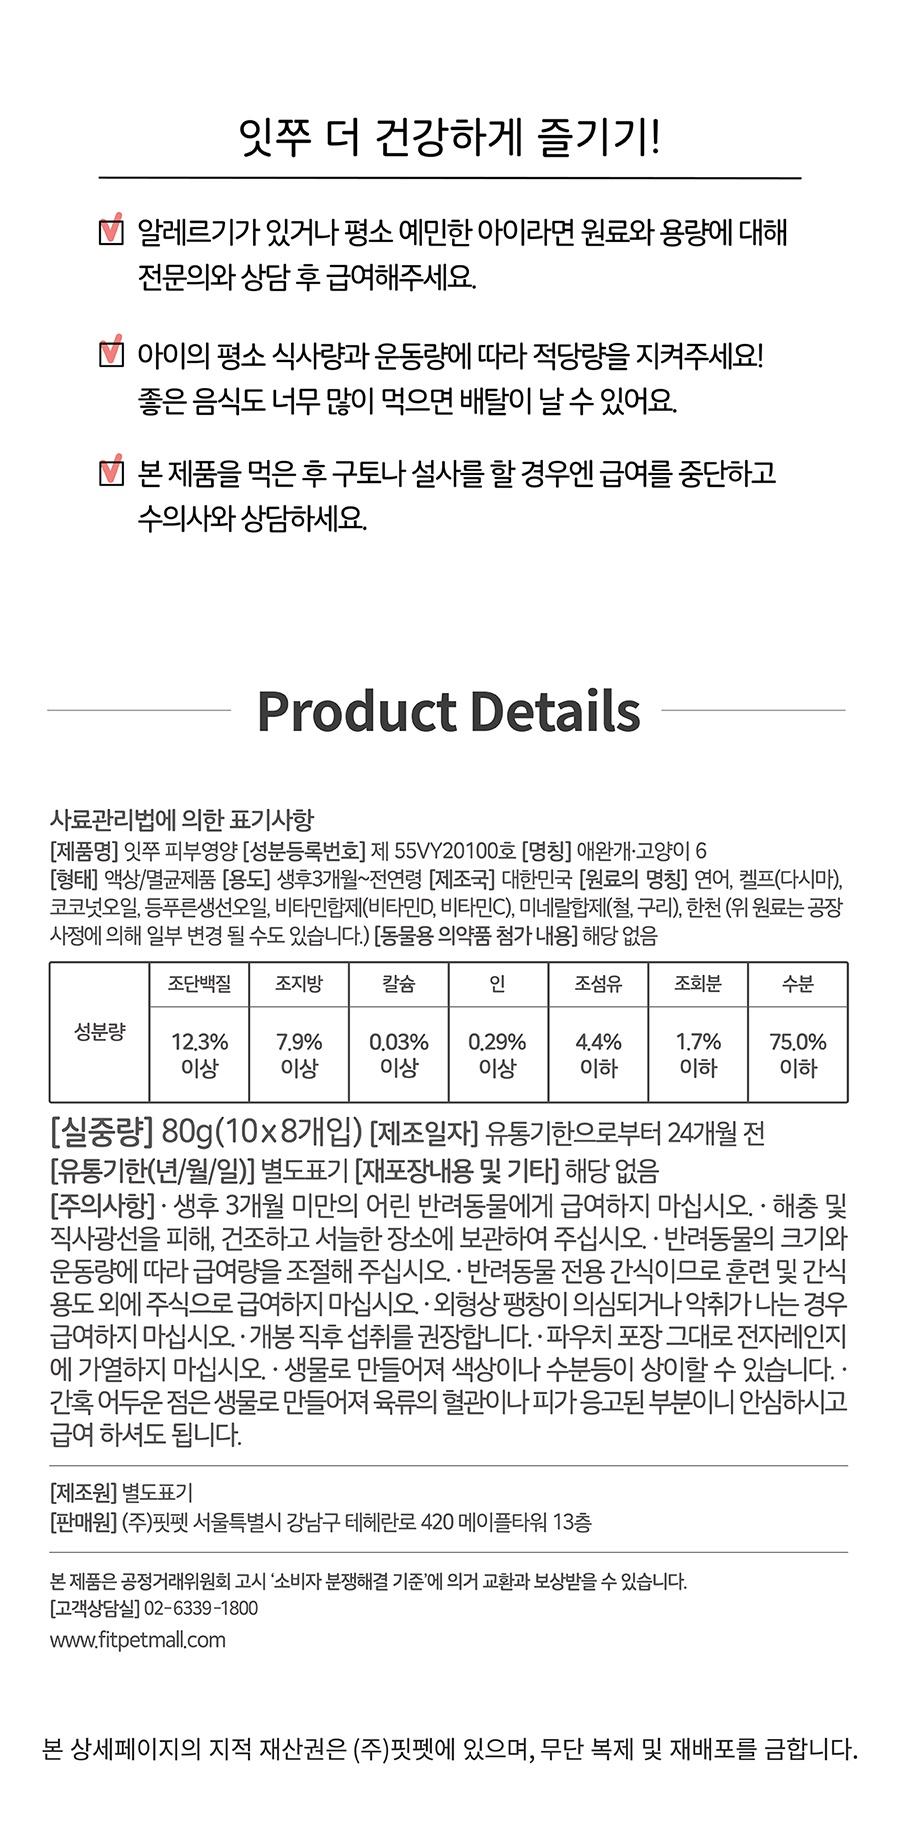 [오구오구특가]it 잇쭈 피부 (8개입)-상품이미지-8